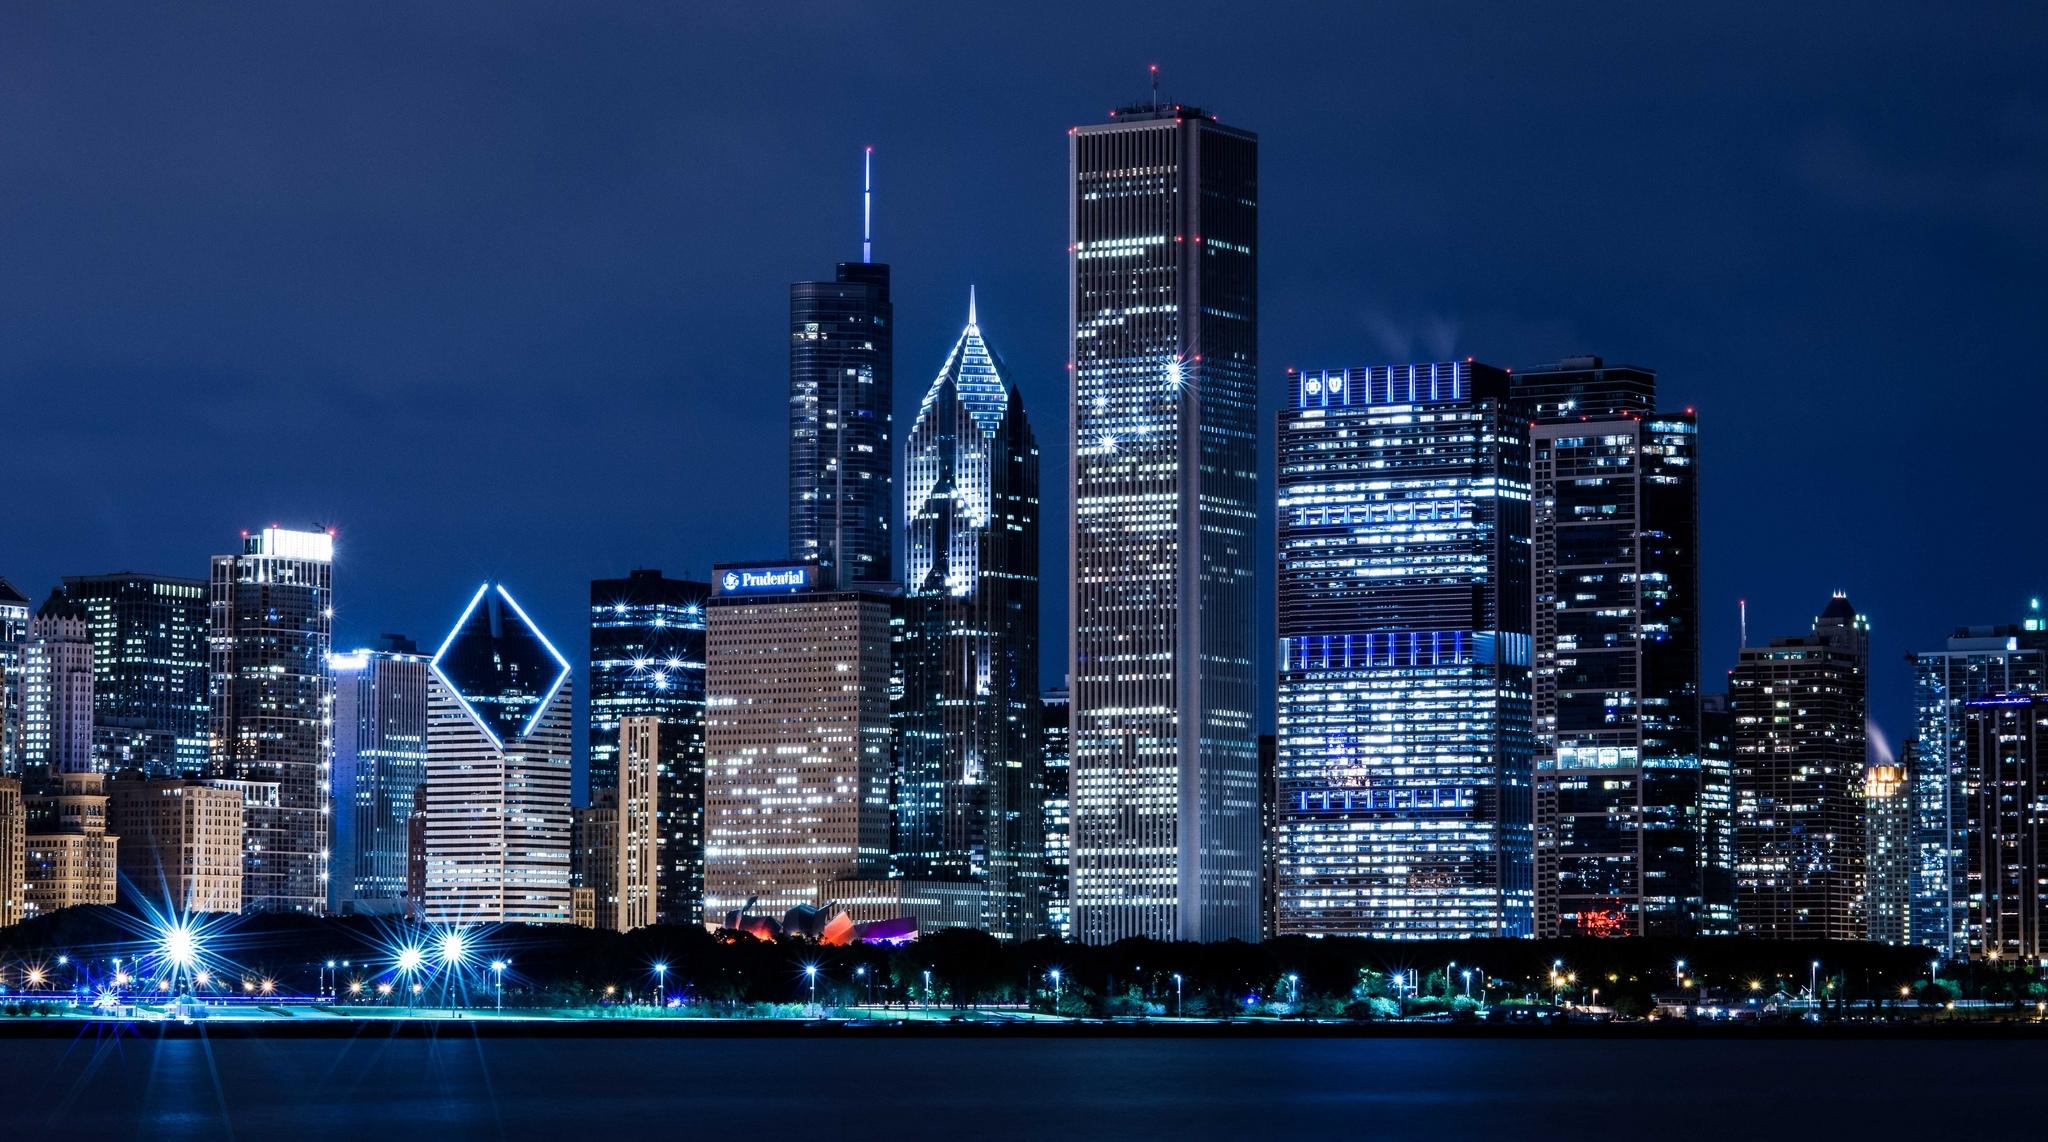 небоскребы город вода огни ночь  № 3981291 загрузить